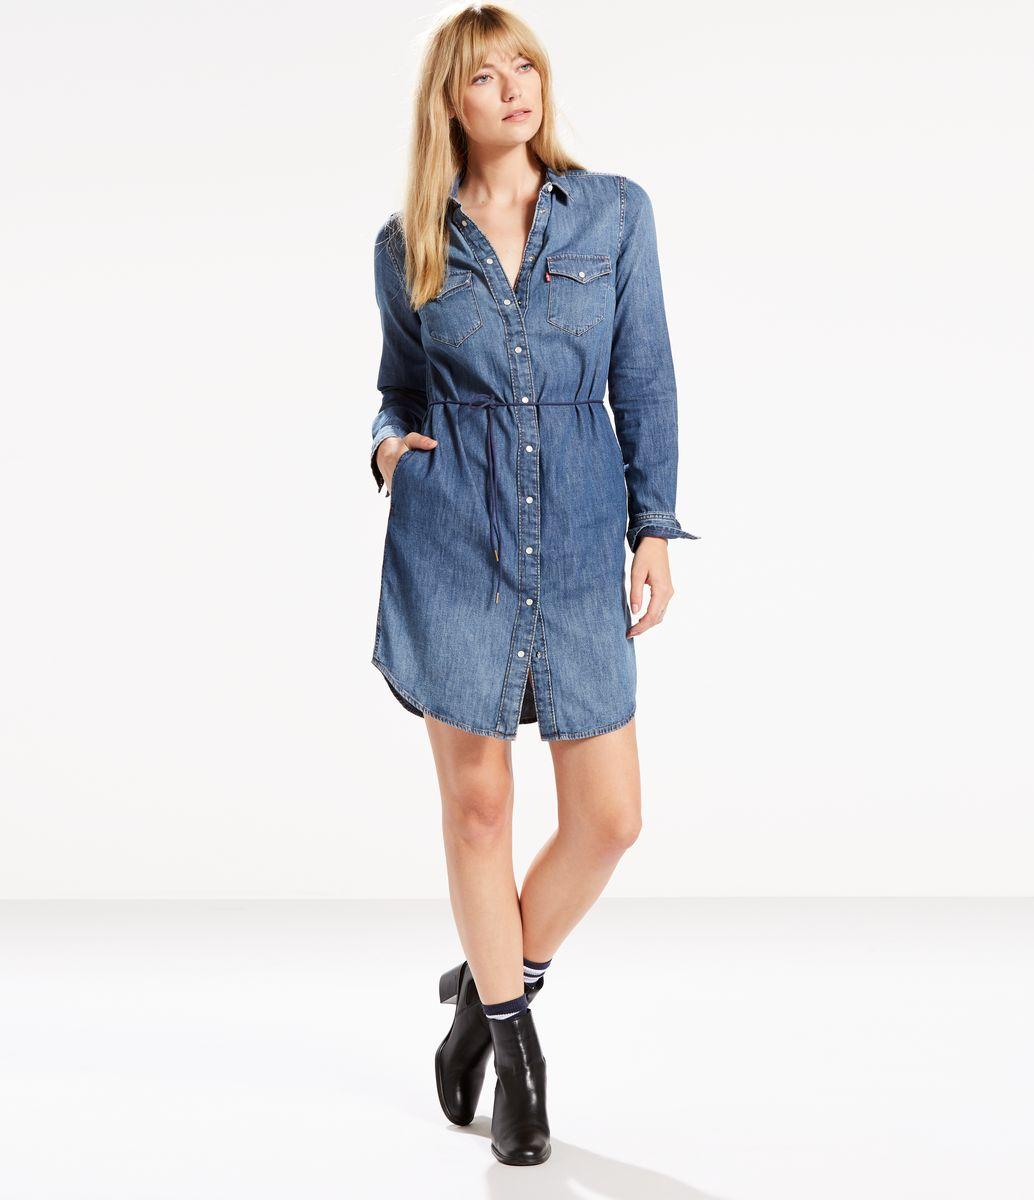 Платье Levi's®, цвет: синий. 1929200040. Размер XS (42) антарктический nanjiren с длинными рукавами рубашки мужские бизнес случайные профессиональные рубашки платье синий 39 метров gz